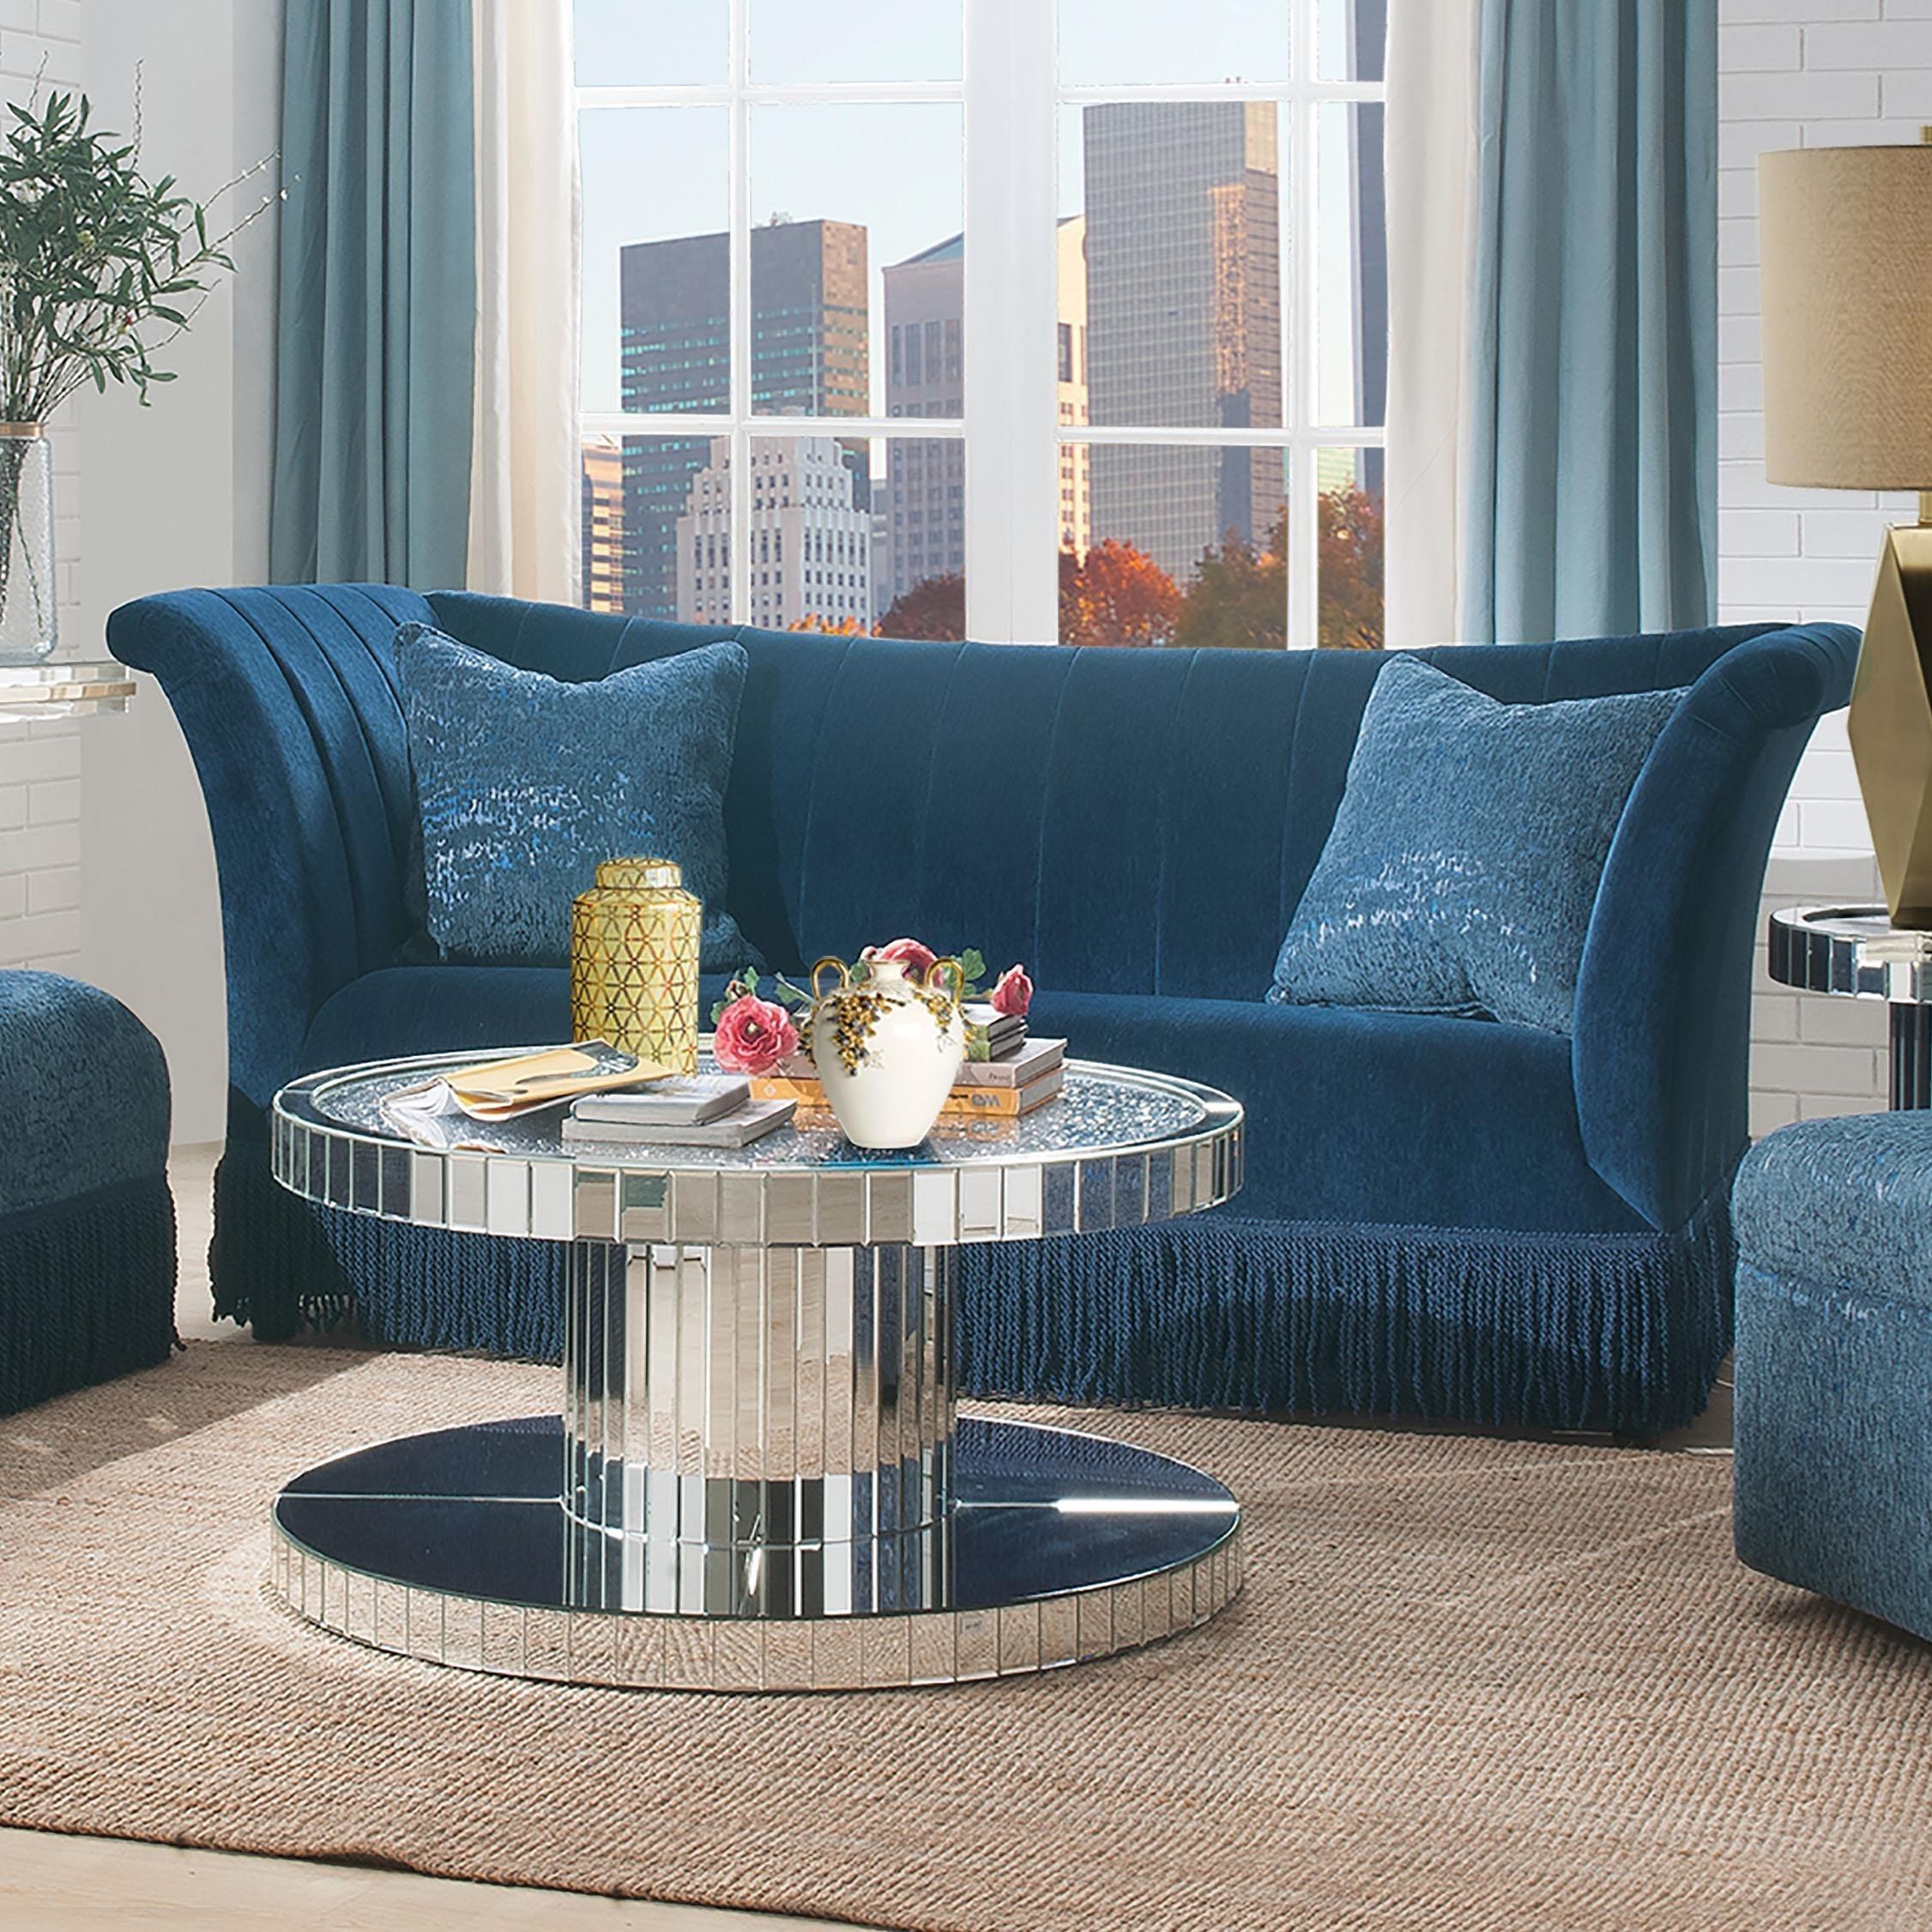 Kaffir Sofa w/2 Pillows by Acme Furniture at Carolina Direct